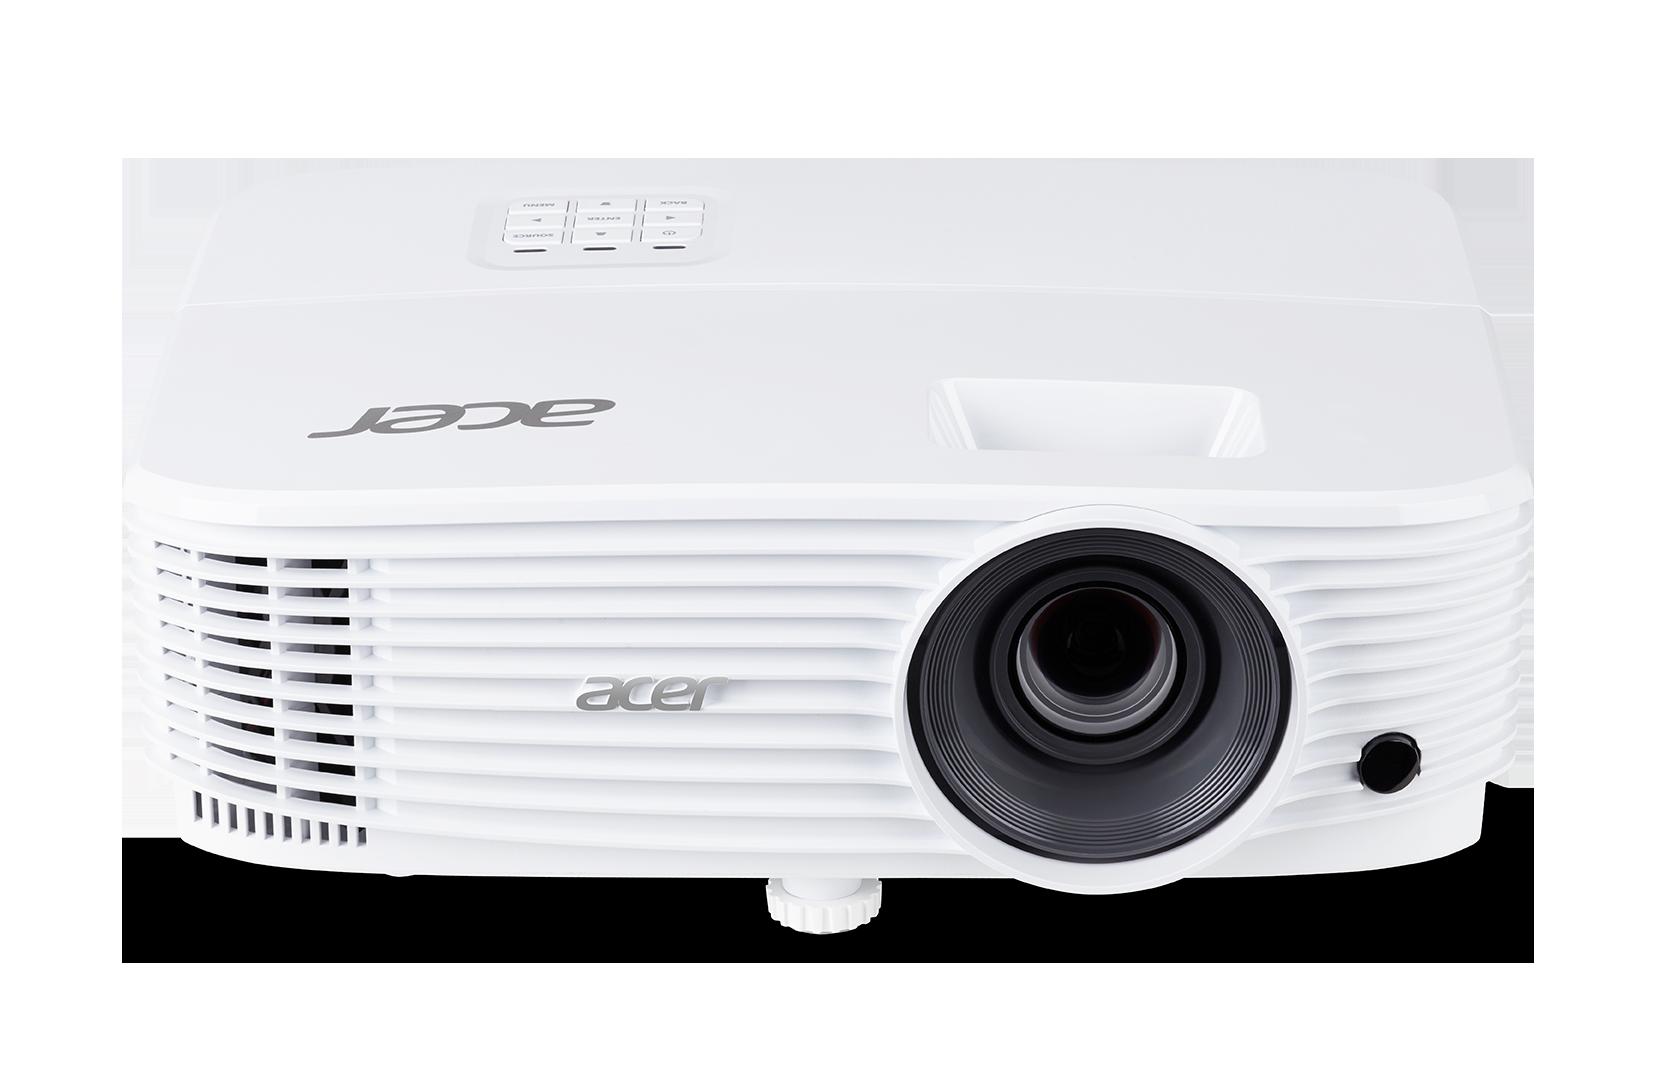 Acer P1350WB DLP 3D / 1280x800 WXGA / 3700 ANSI / 20000:1/ VGA, 2x HDMI,RJ45/ 2.25kg